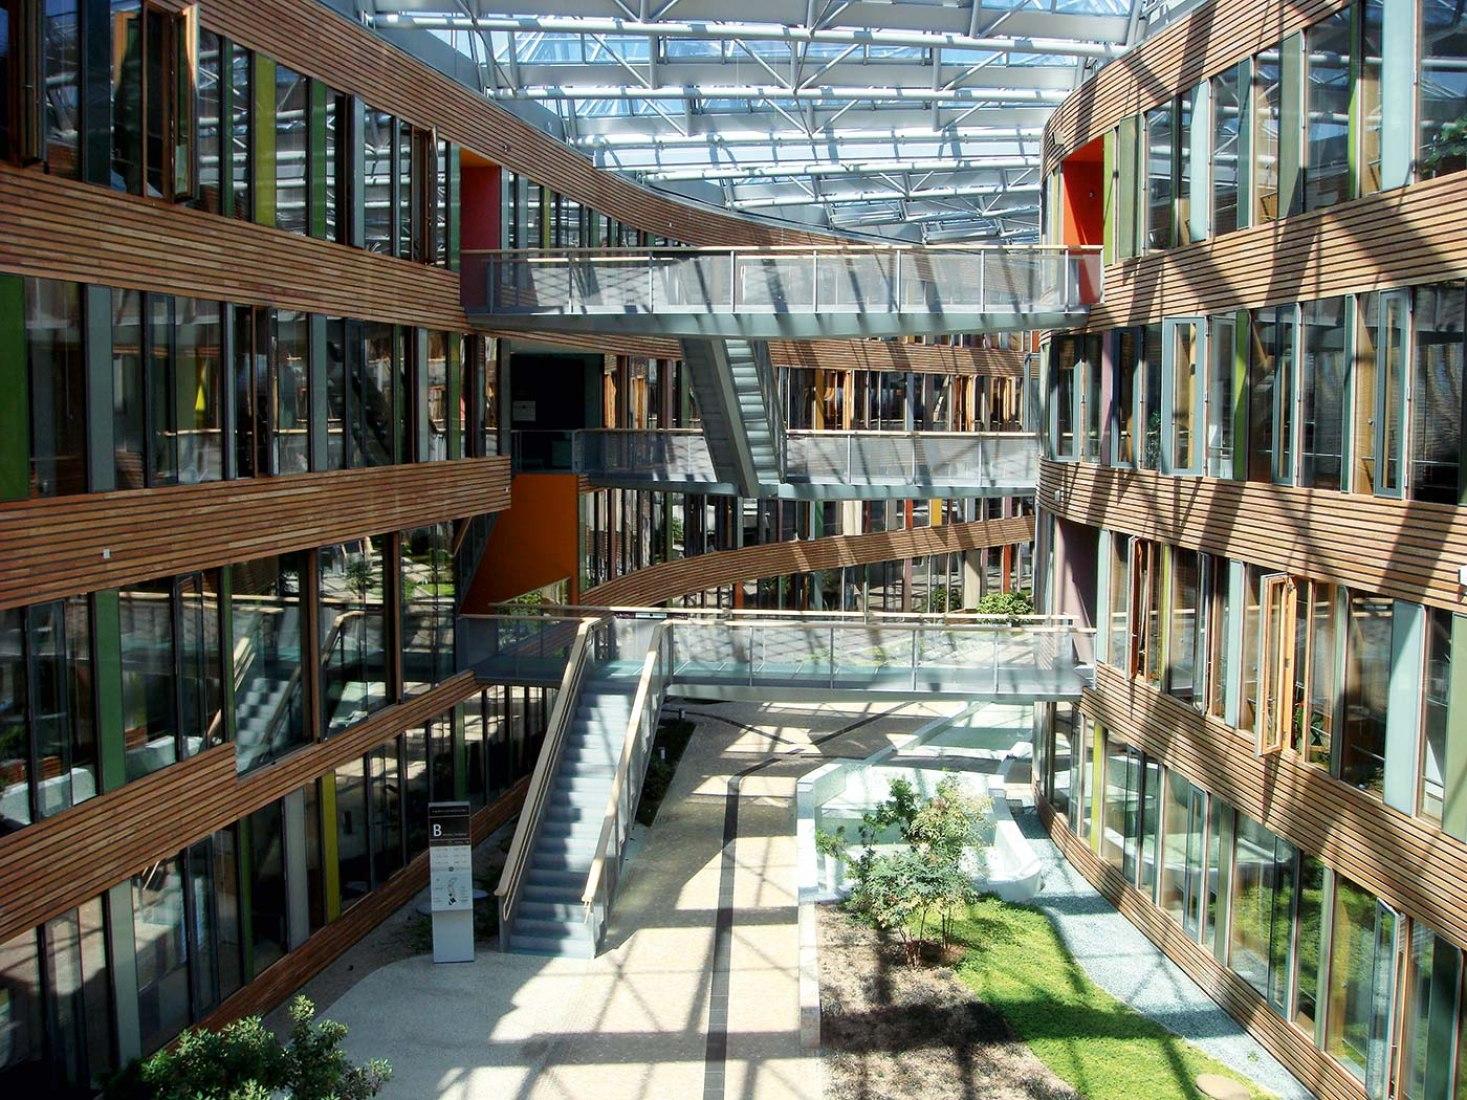 Federal Environmental Agency in Dessau, Germany (2005). Sauerbruch Hutton. Courtesy of Fundación Arquitectura y Sociedad.